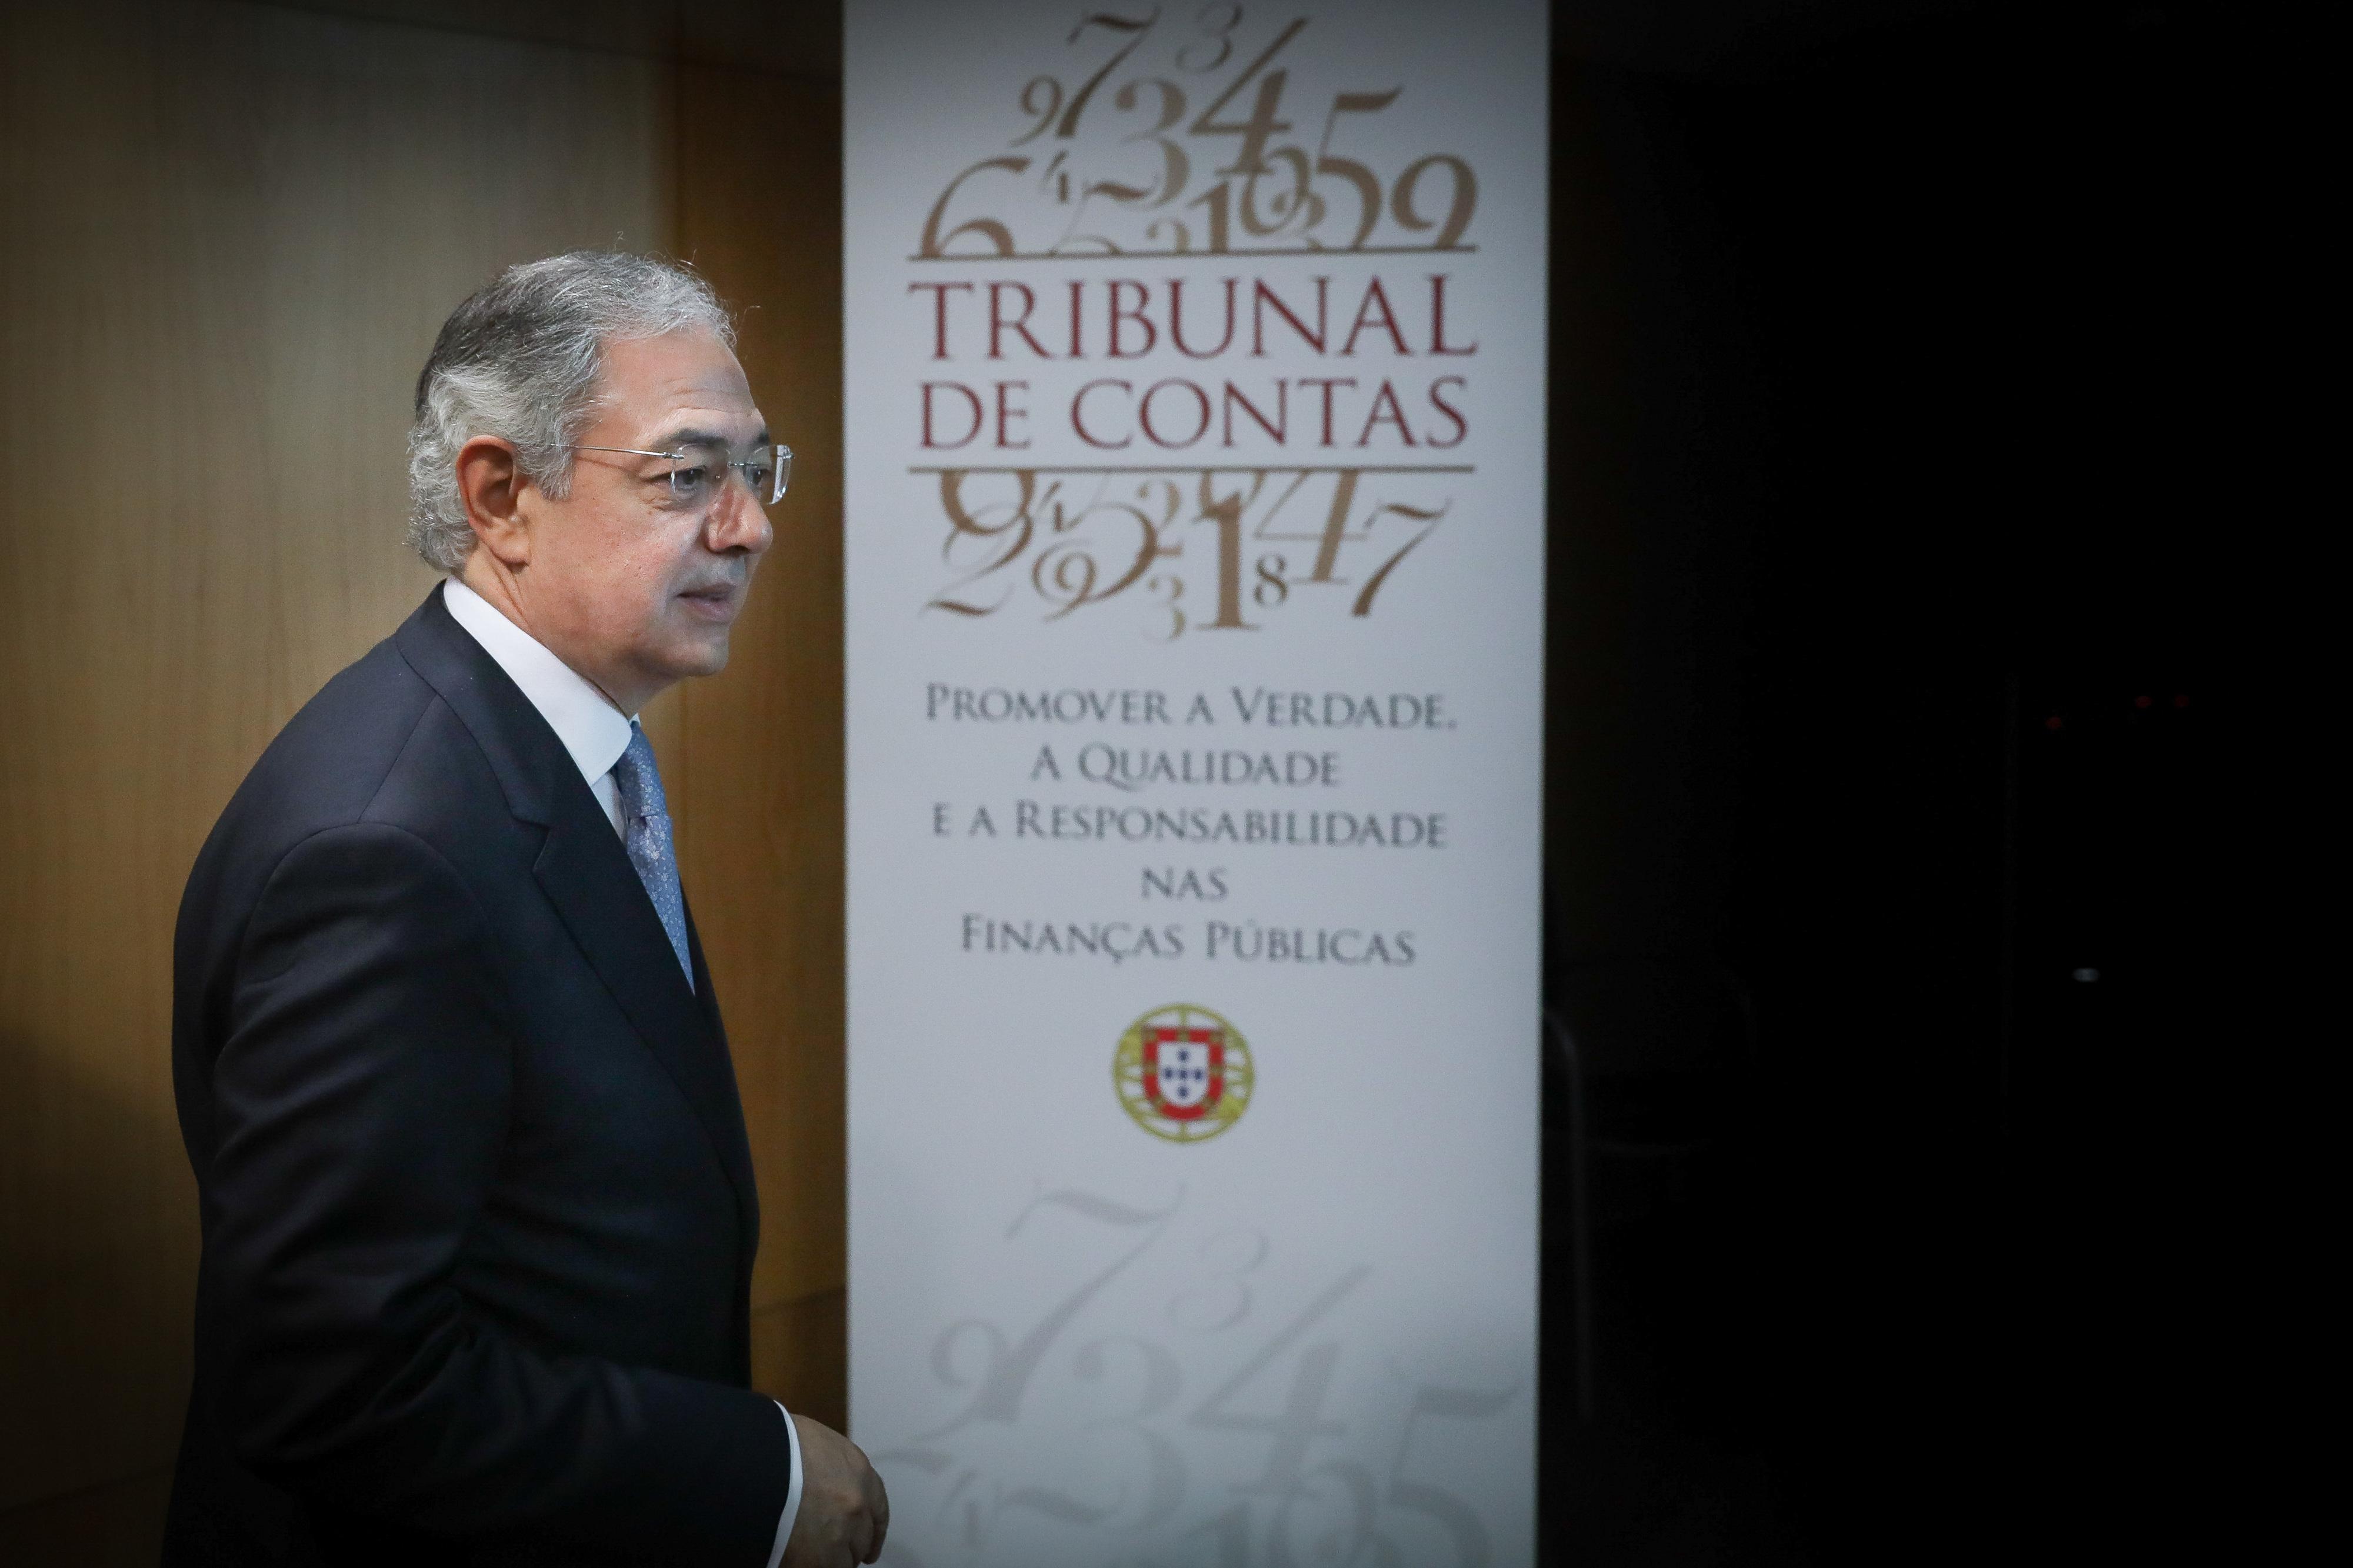 """Deputado do PS disse que juízes do Tribunal de Contas são """"mentecaptos""""?"""